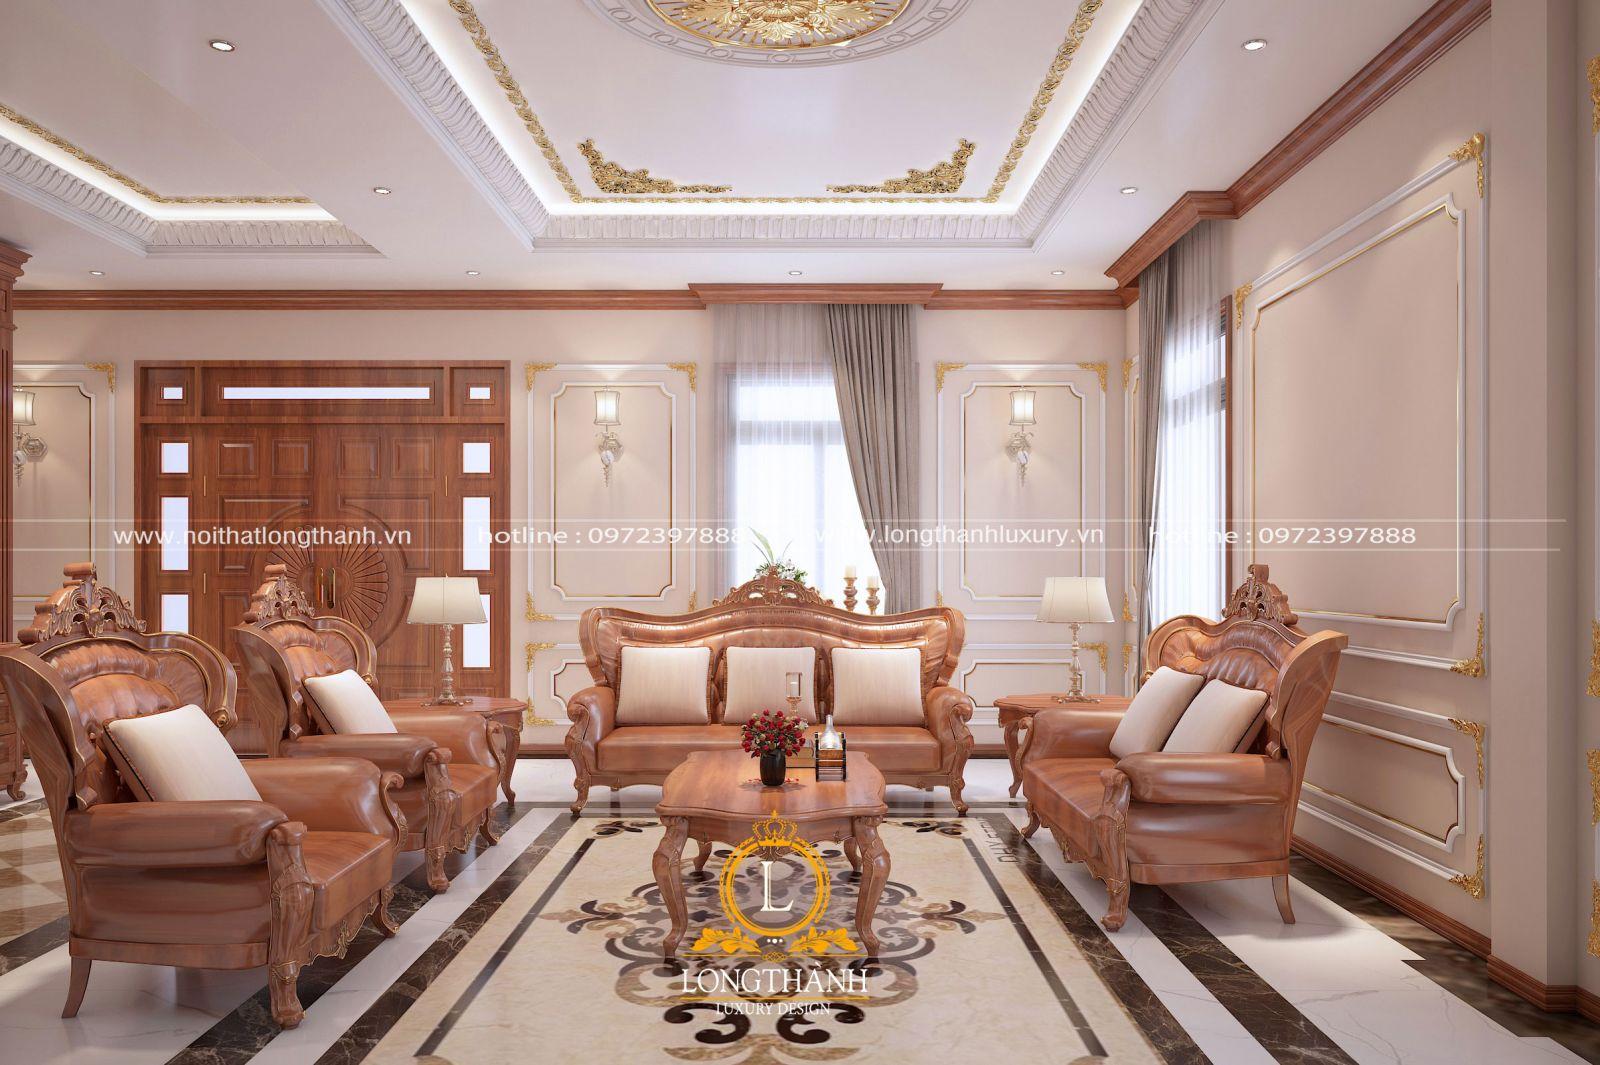 Mẫu sofa gỗ hương đá đẹp